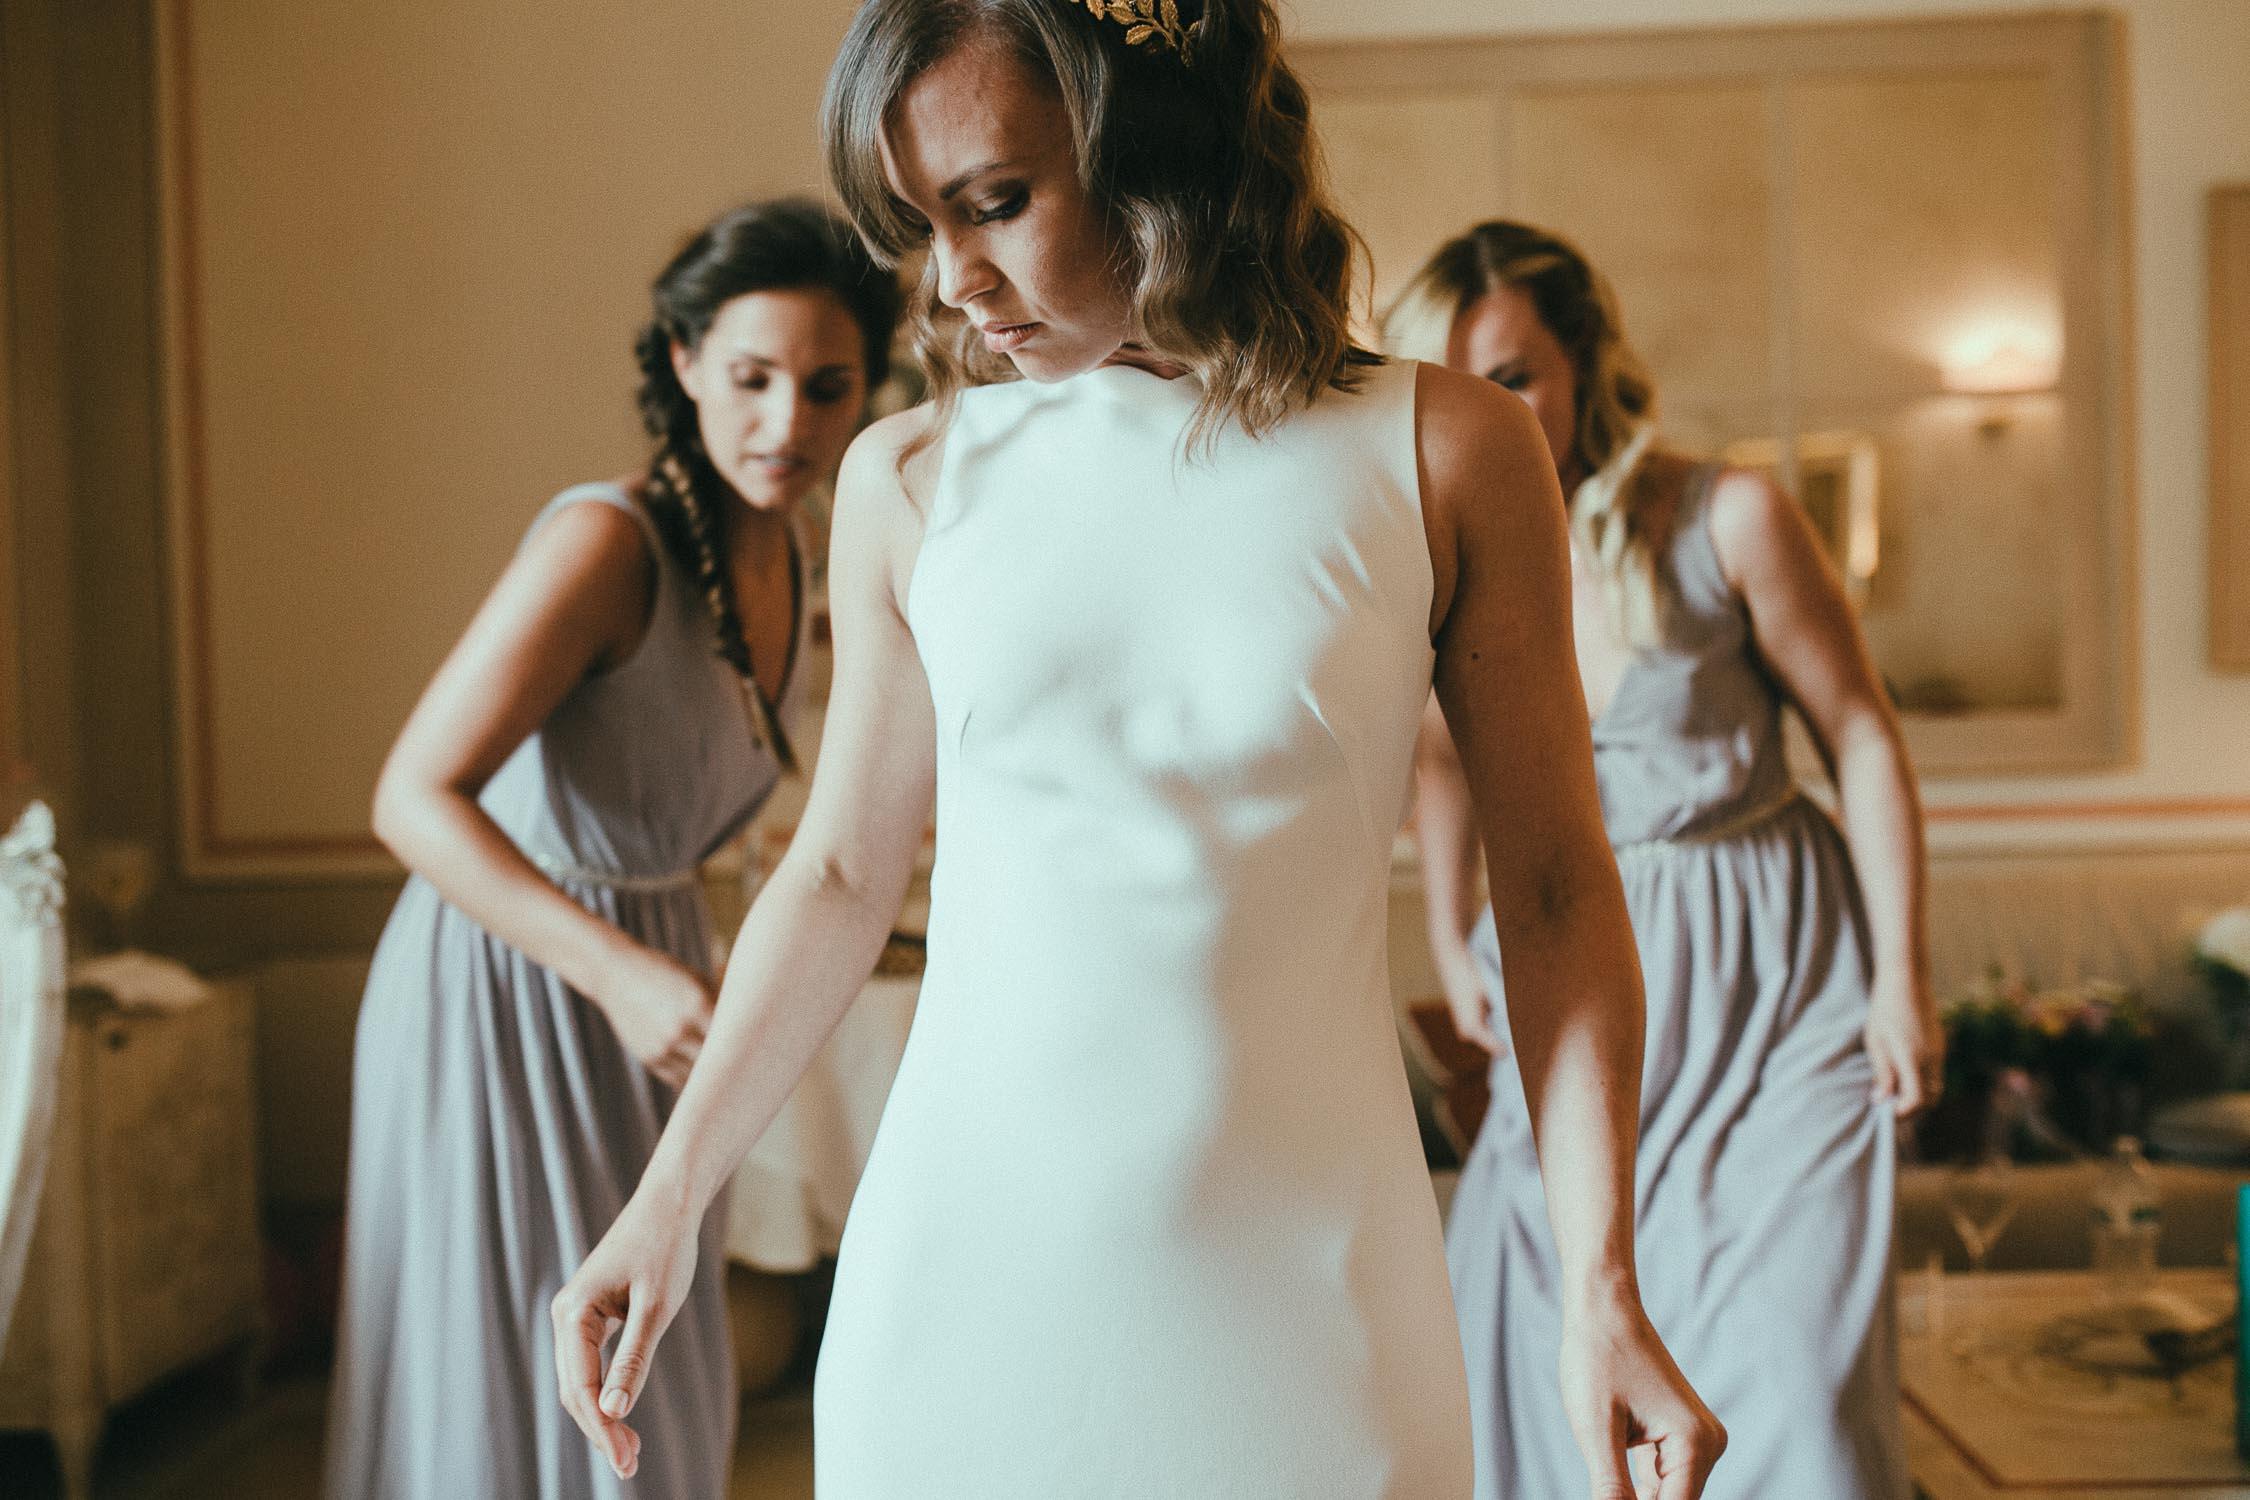 destiantion-wedding-in-tuscany-getting-ready (29).jpg